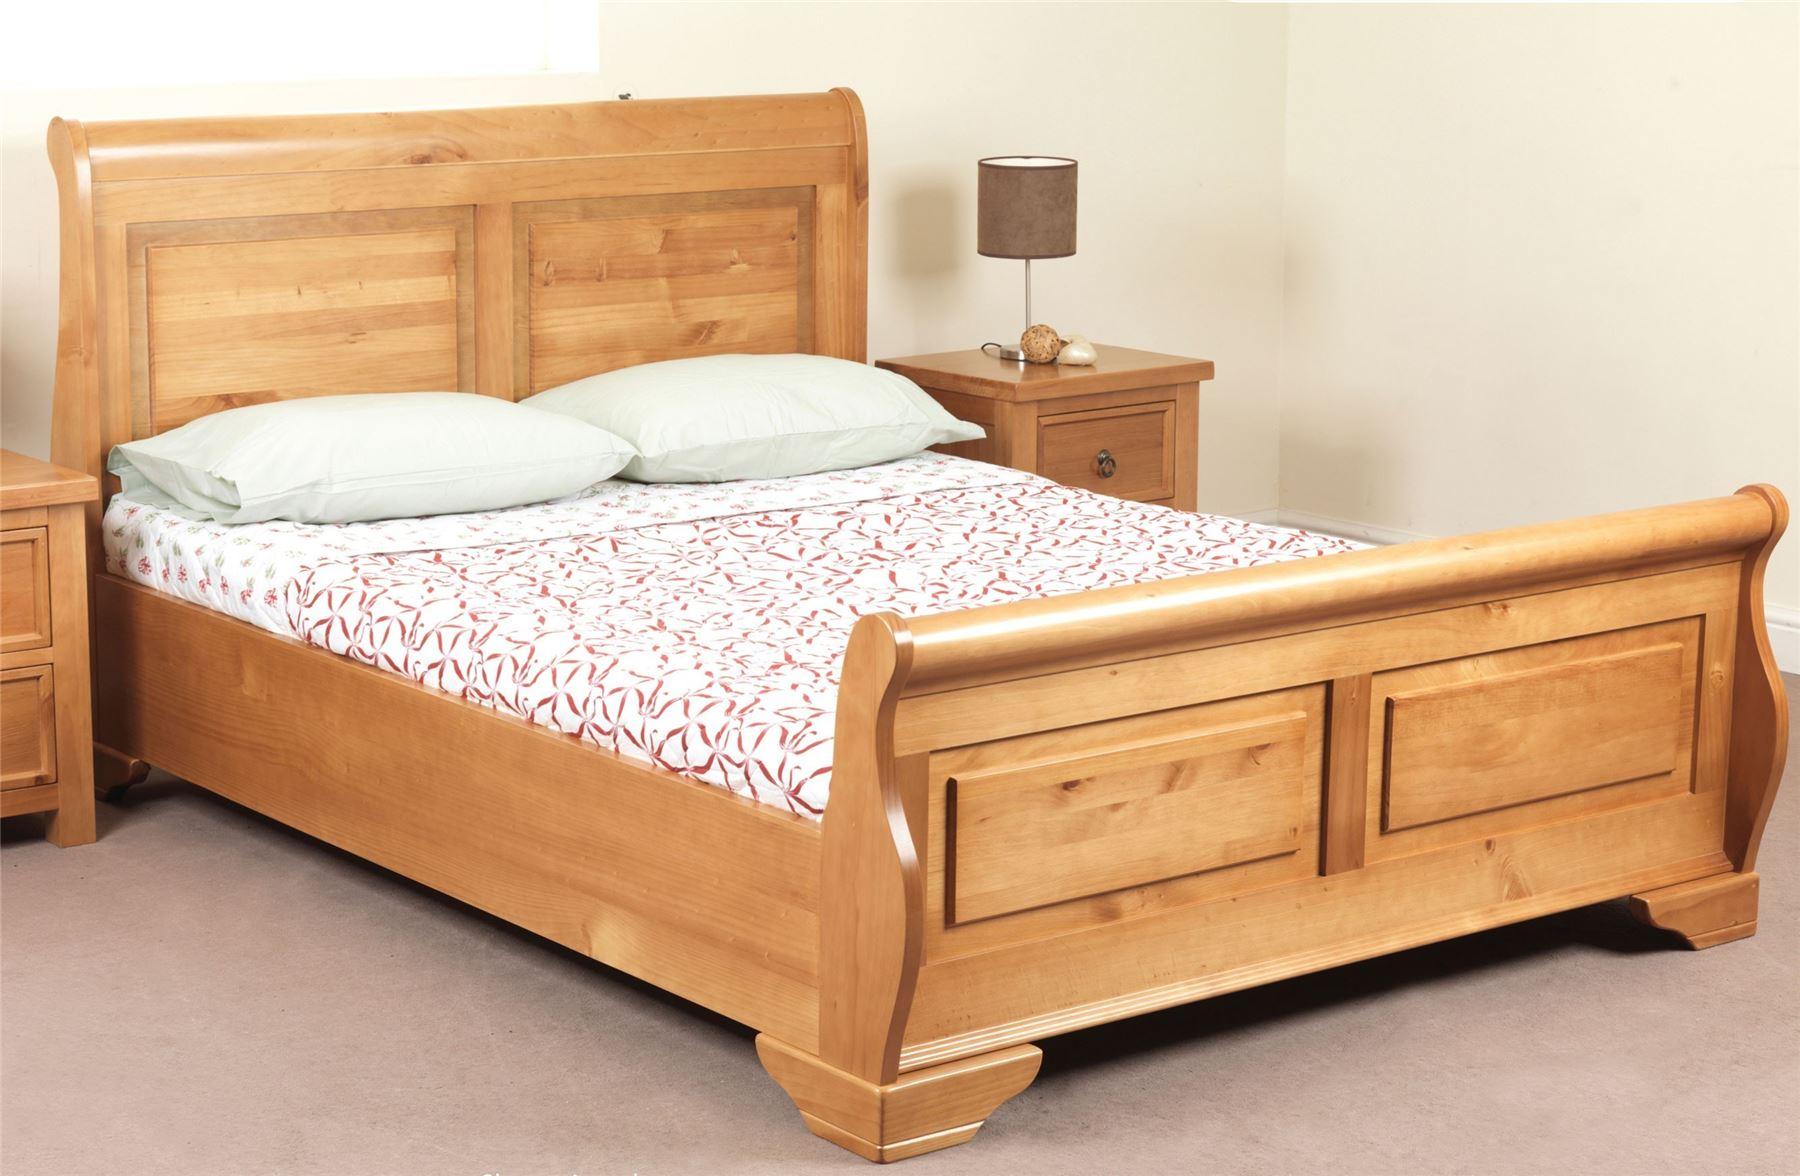 Sweet Dreams Jackdaw Oak Sleigh Bed Frame 150cm Kingsize